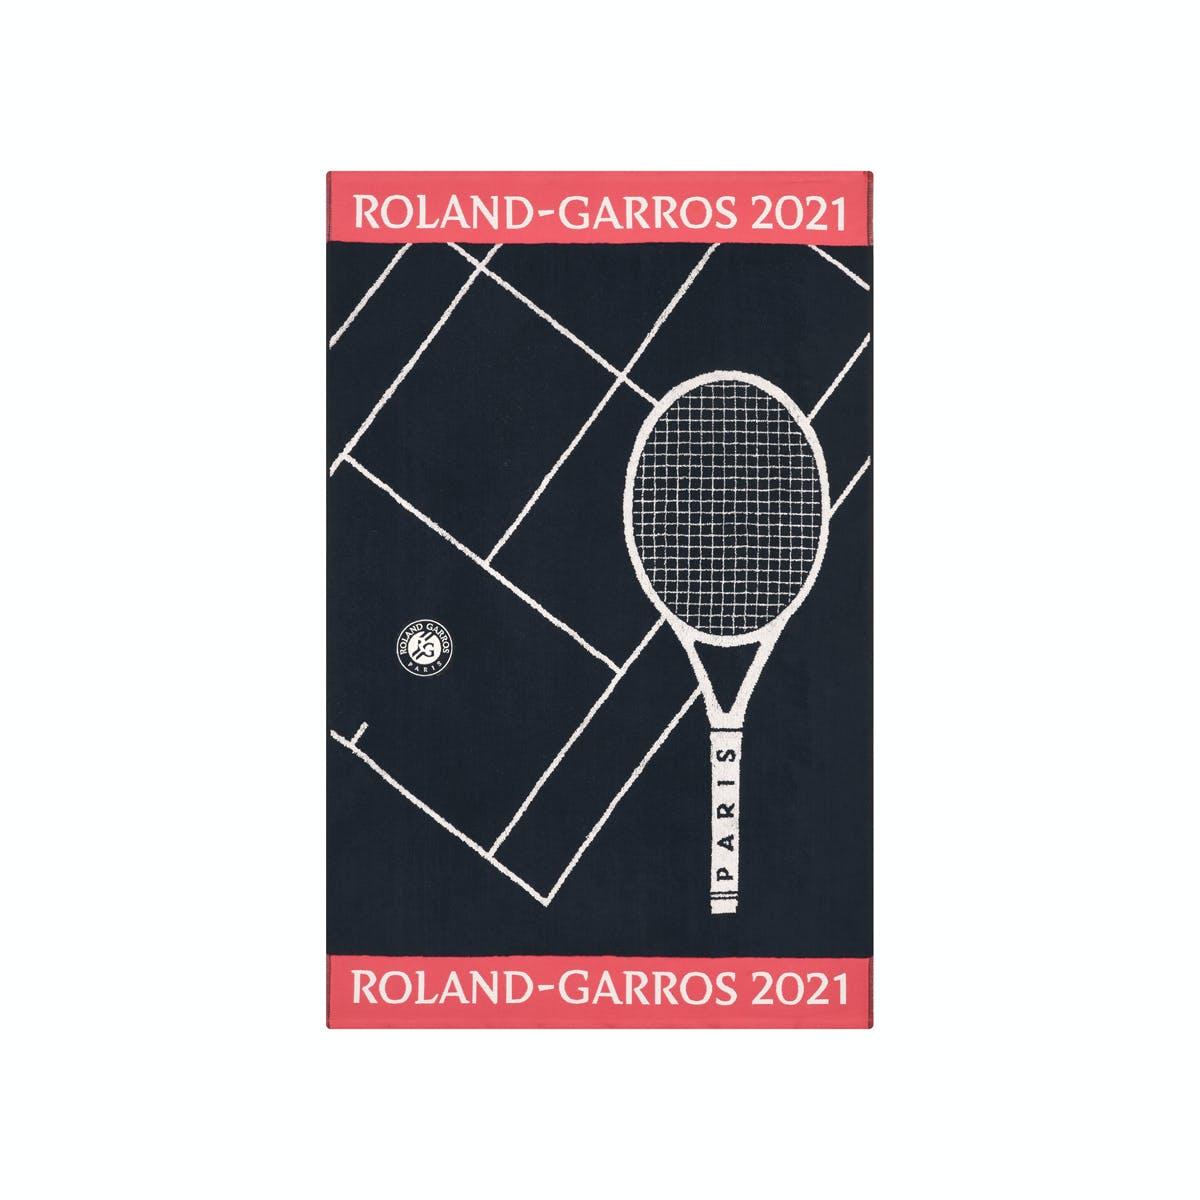 Serviette joueur officielle Roland-Garros 2021